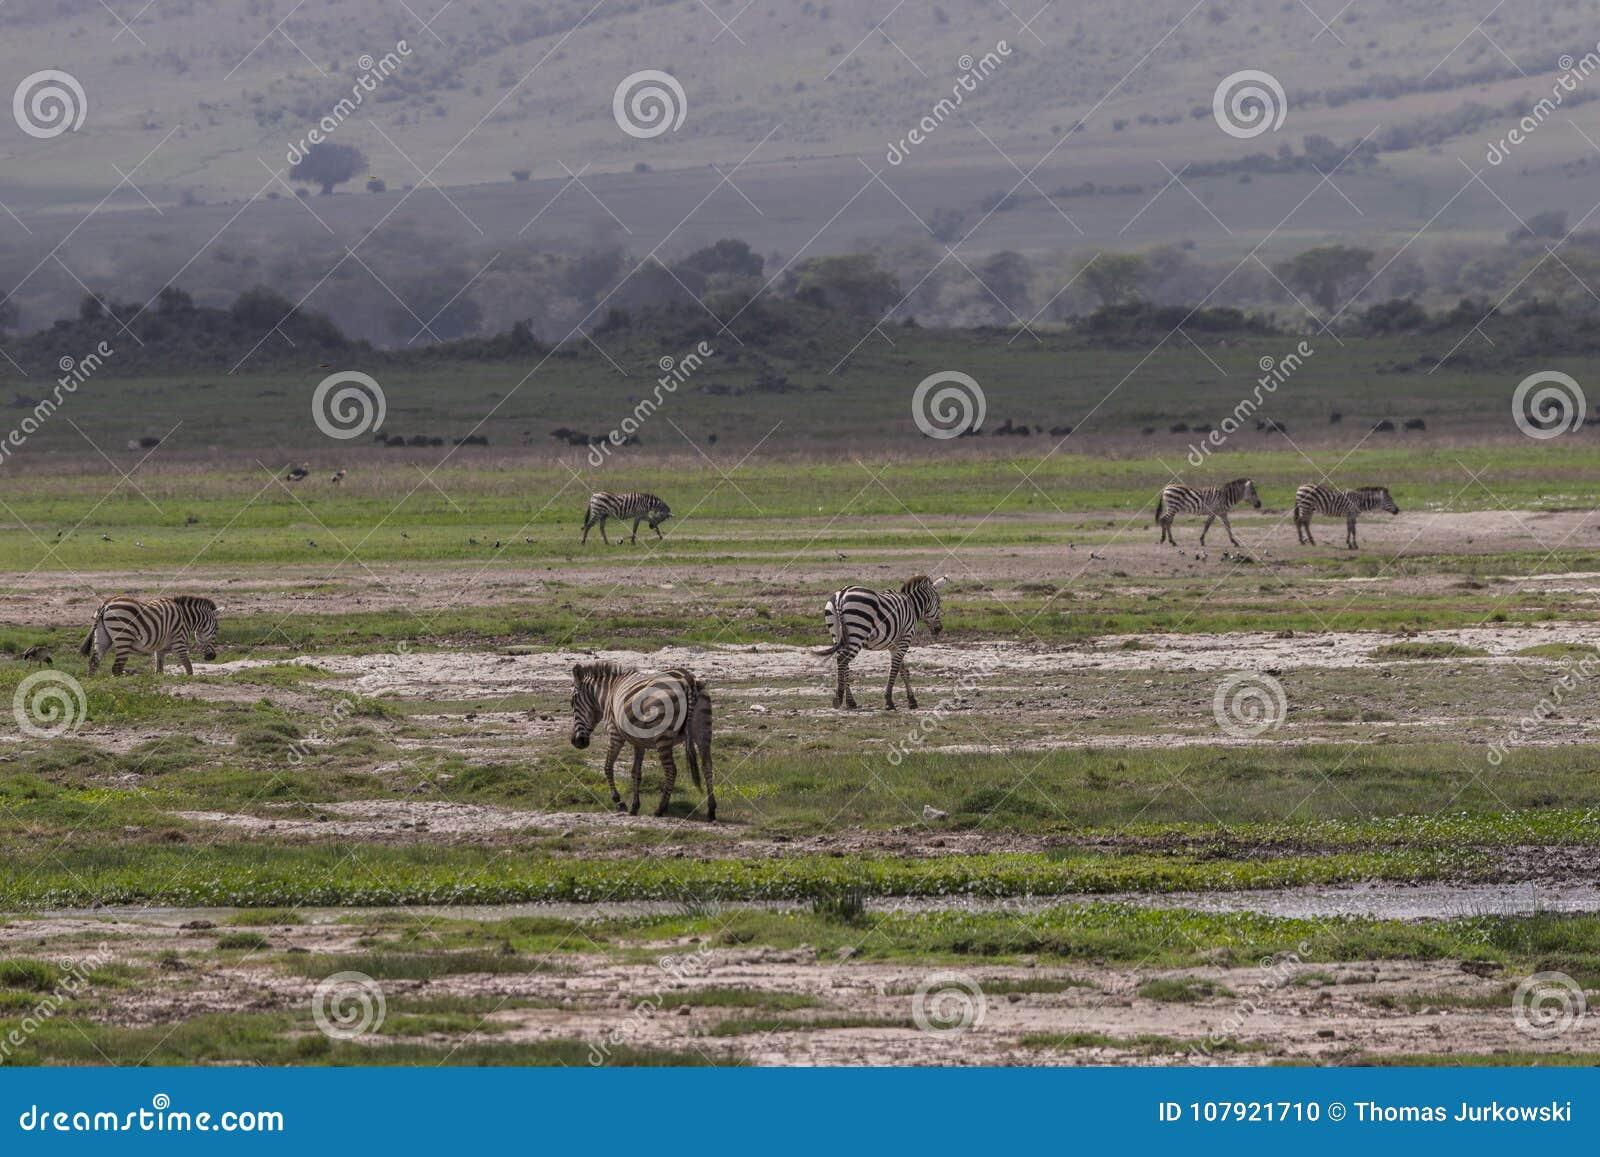 Landschaften mit Zebras